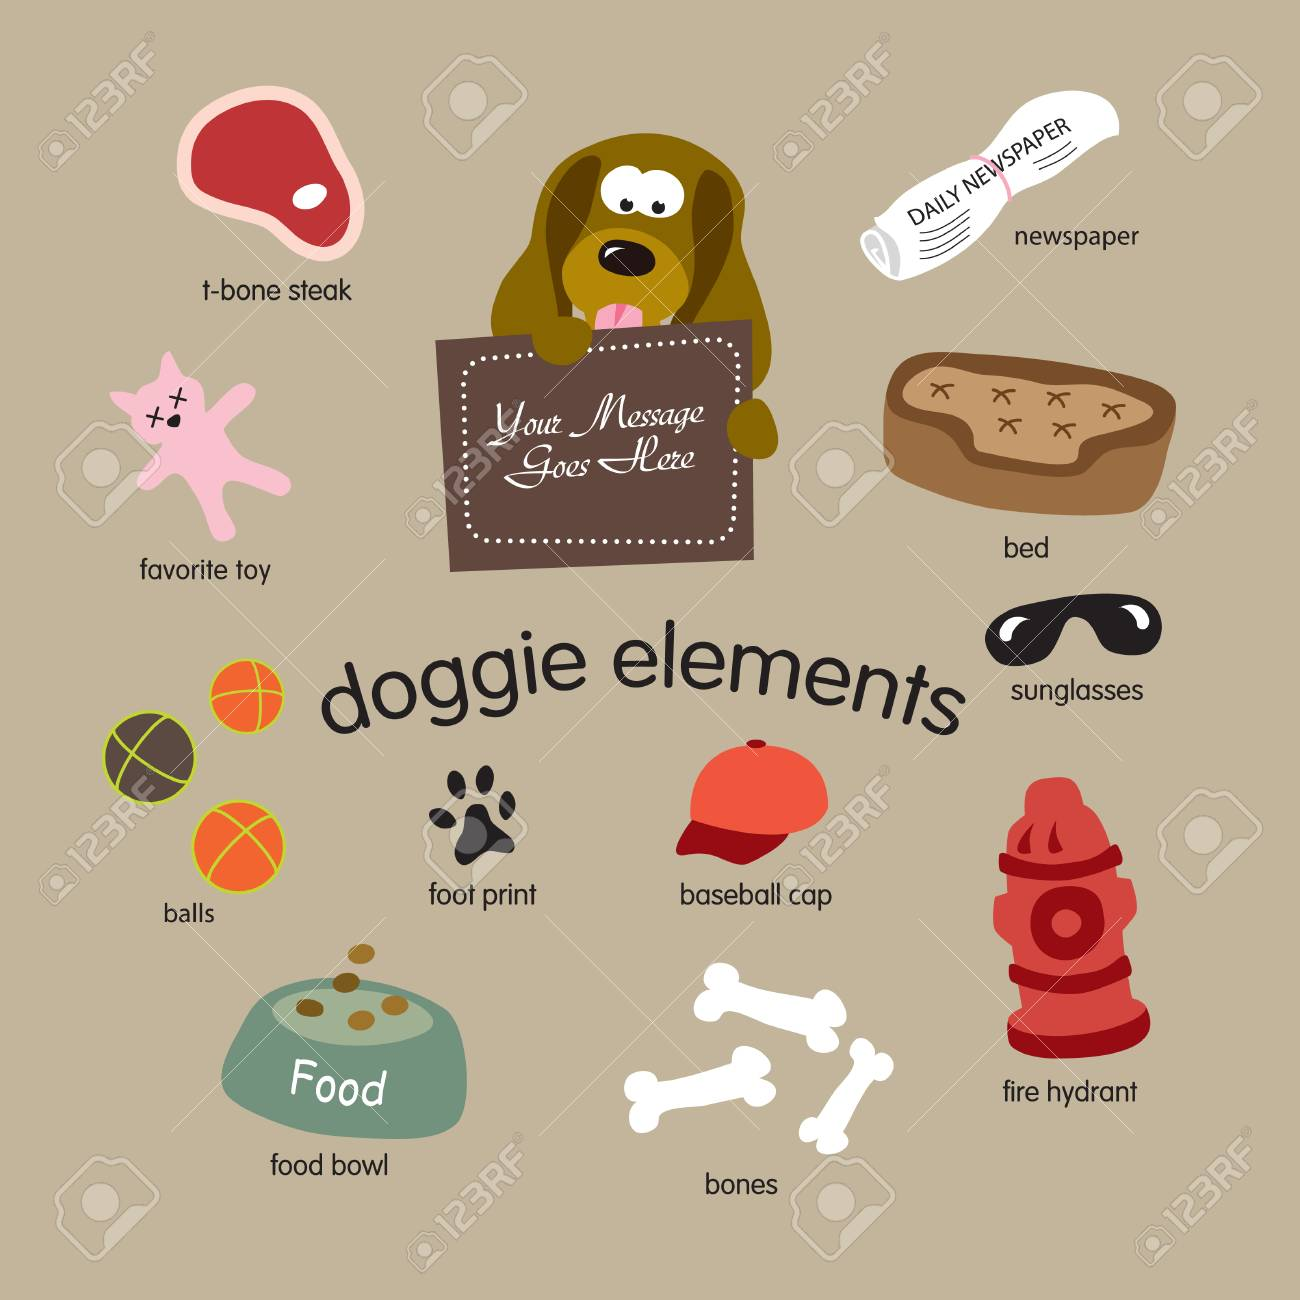 doggie elements vector set Stock Vector - 4342747